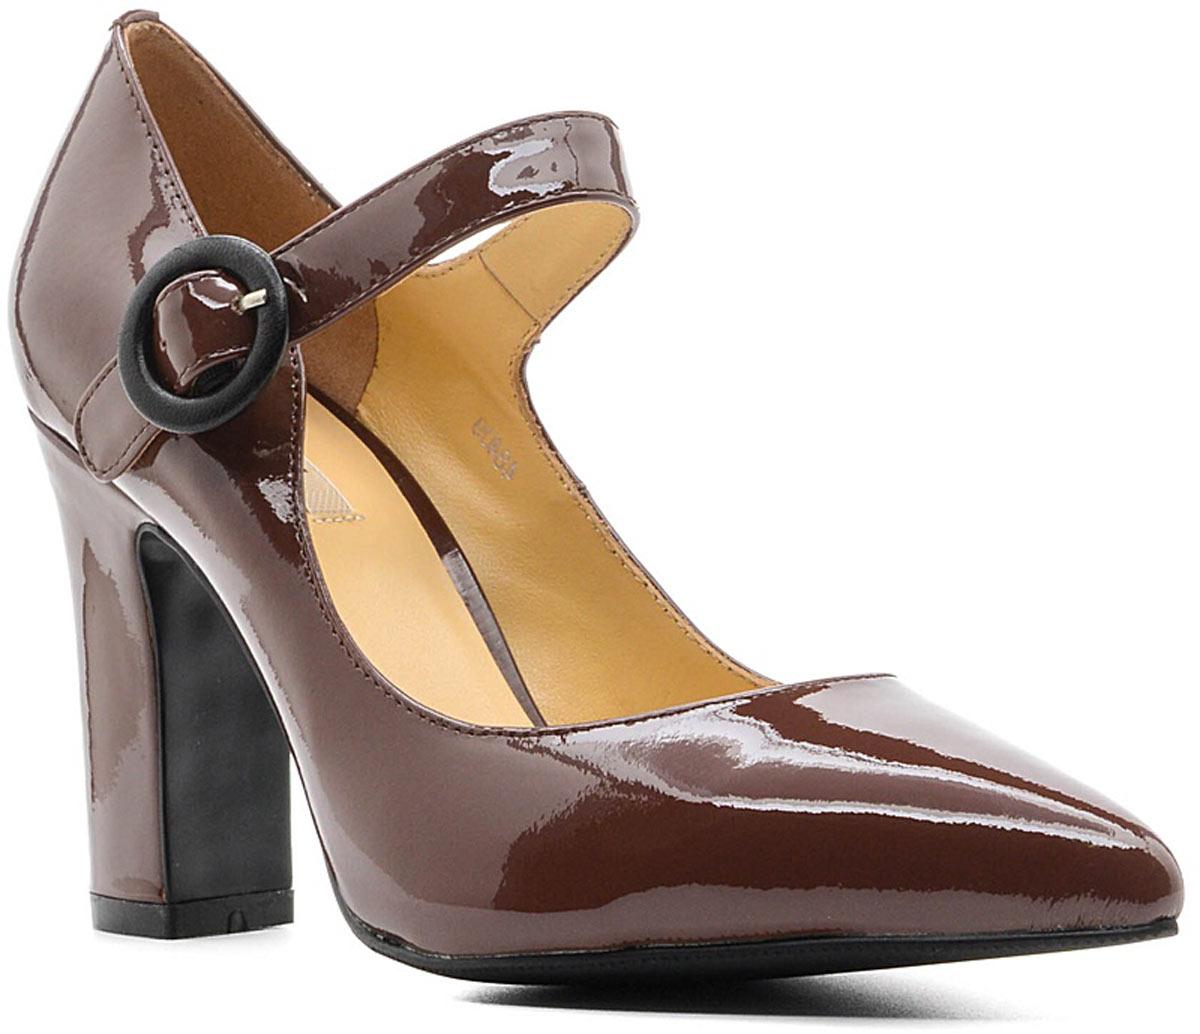 Туфли женские Vitacci, цвет: мокко. 48409. Размер 3948409Стильные туфли Vitacci не оставят вас незамеченной! Модель выполнена из качественной натуральной кожи. Ремешок с пряжкой надежно зафиксирует модель на ноге. Стелька из натуральной кожи обеспечивает комфорт и удобство при ходьбе. Подошва выполнена с высоким устойчивым каблуком.